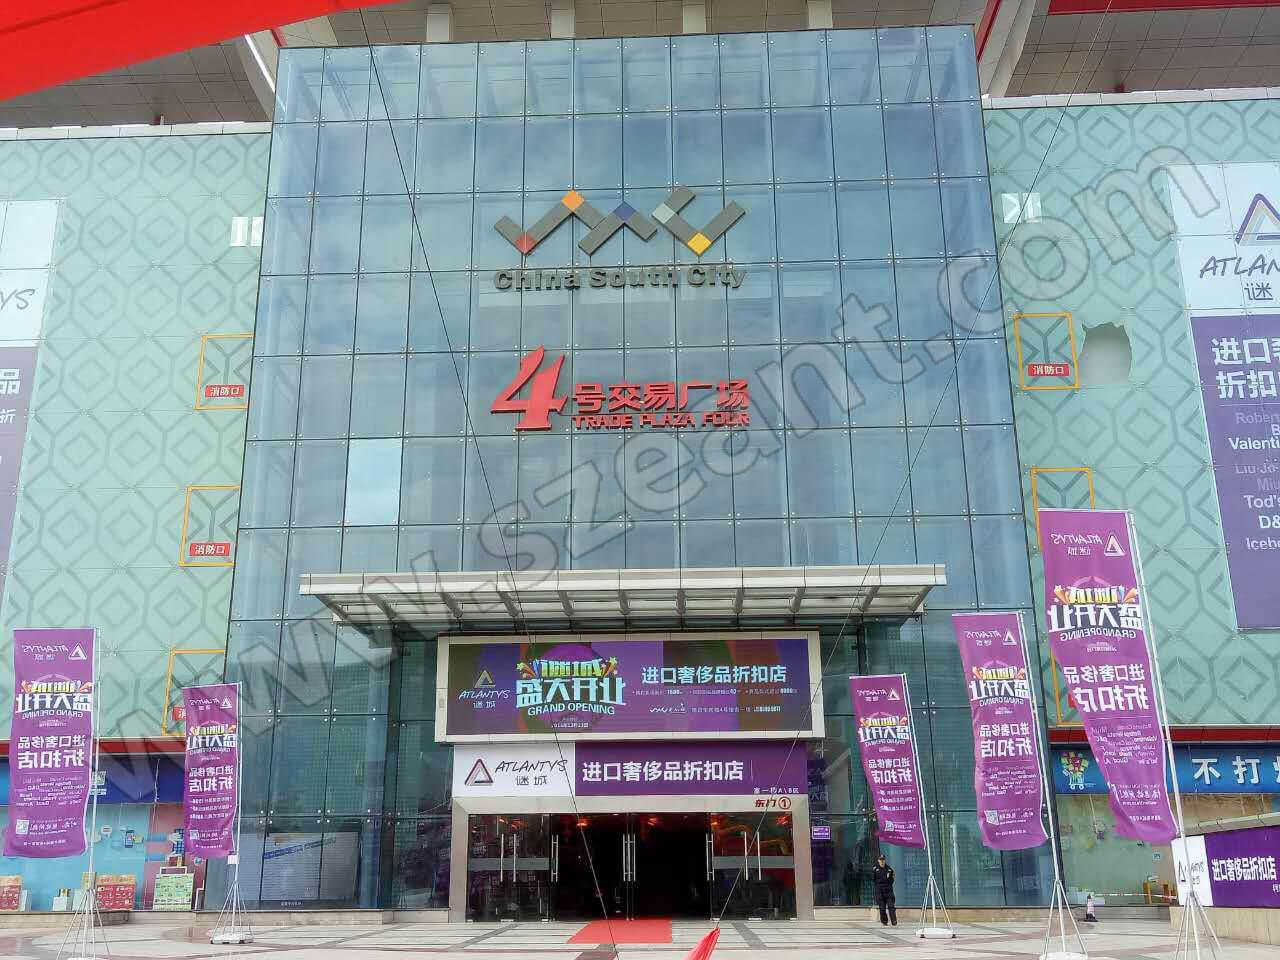 深圳罗湖东门4号交易广场安装声磁防盗天线